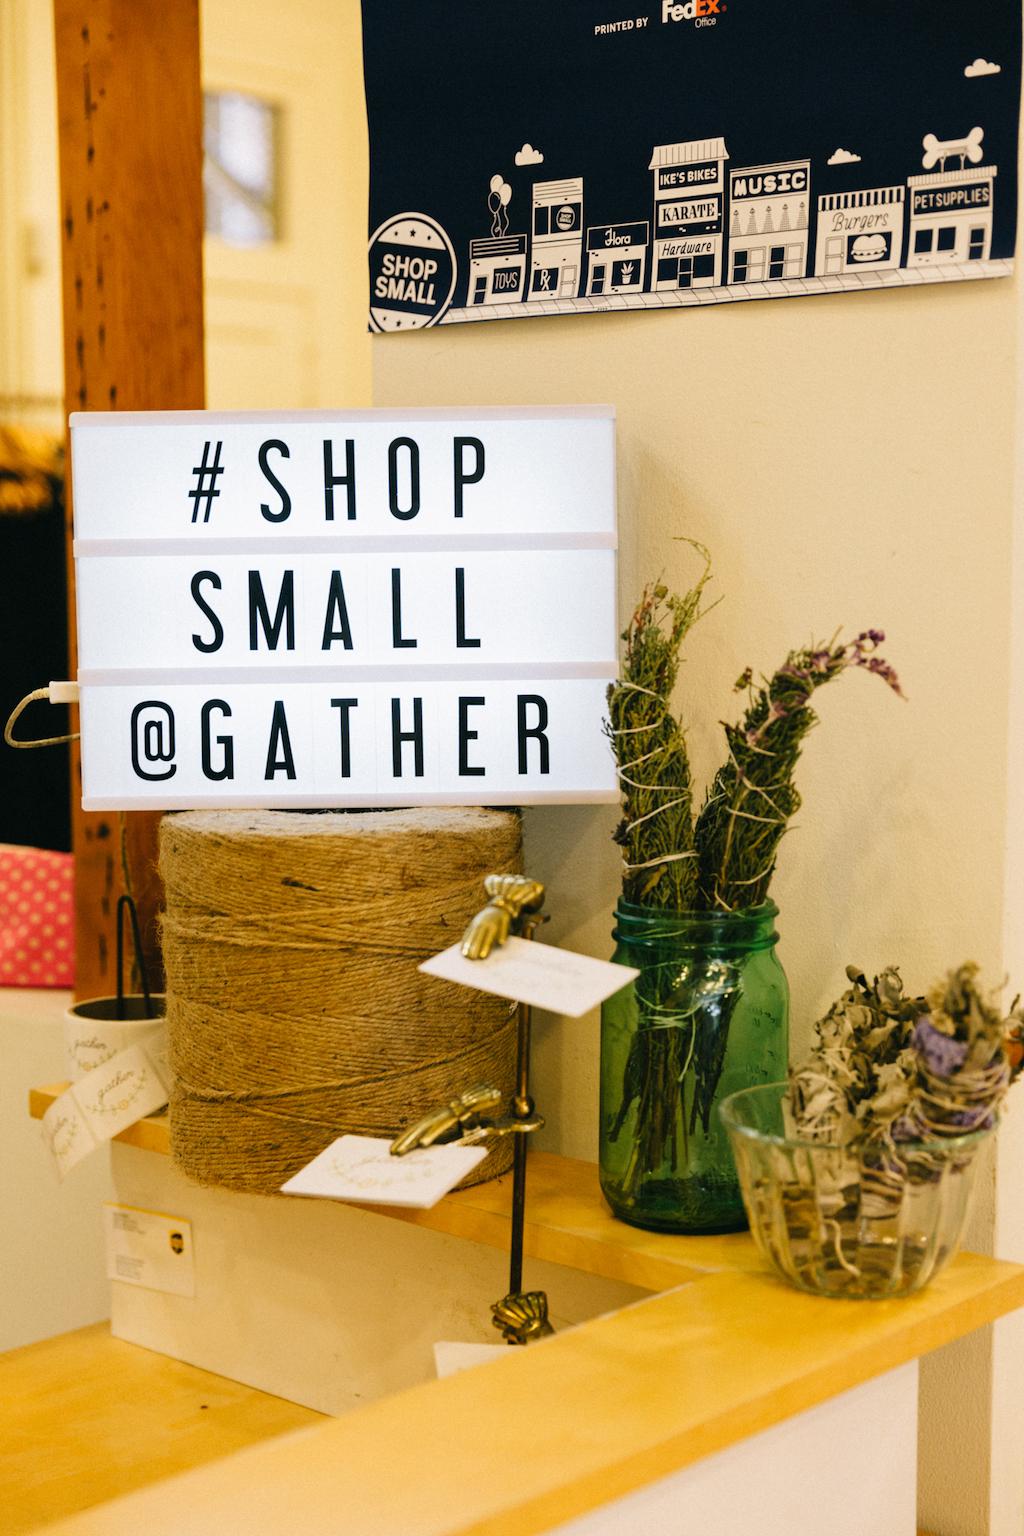 Amex Shop Small - SF - Gather (Edited)-45 copy.jpg